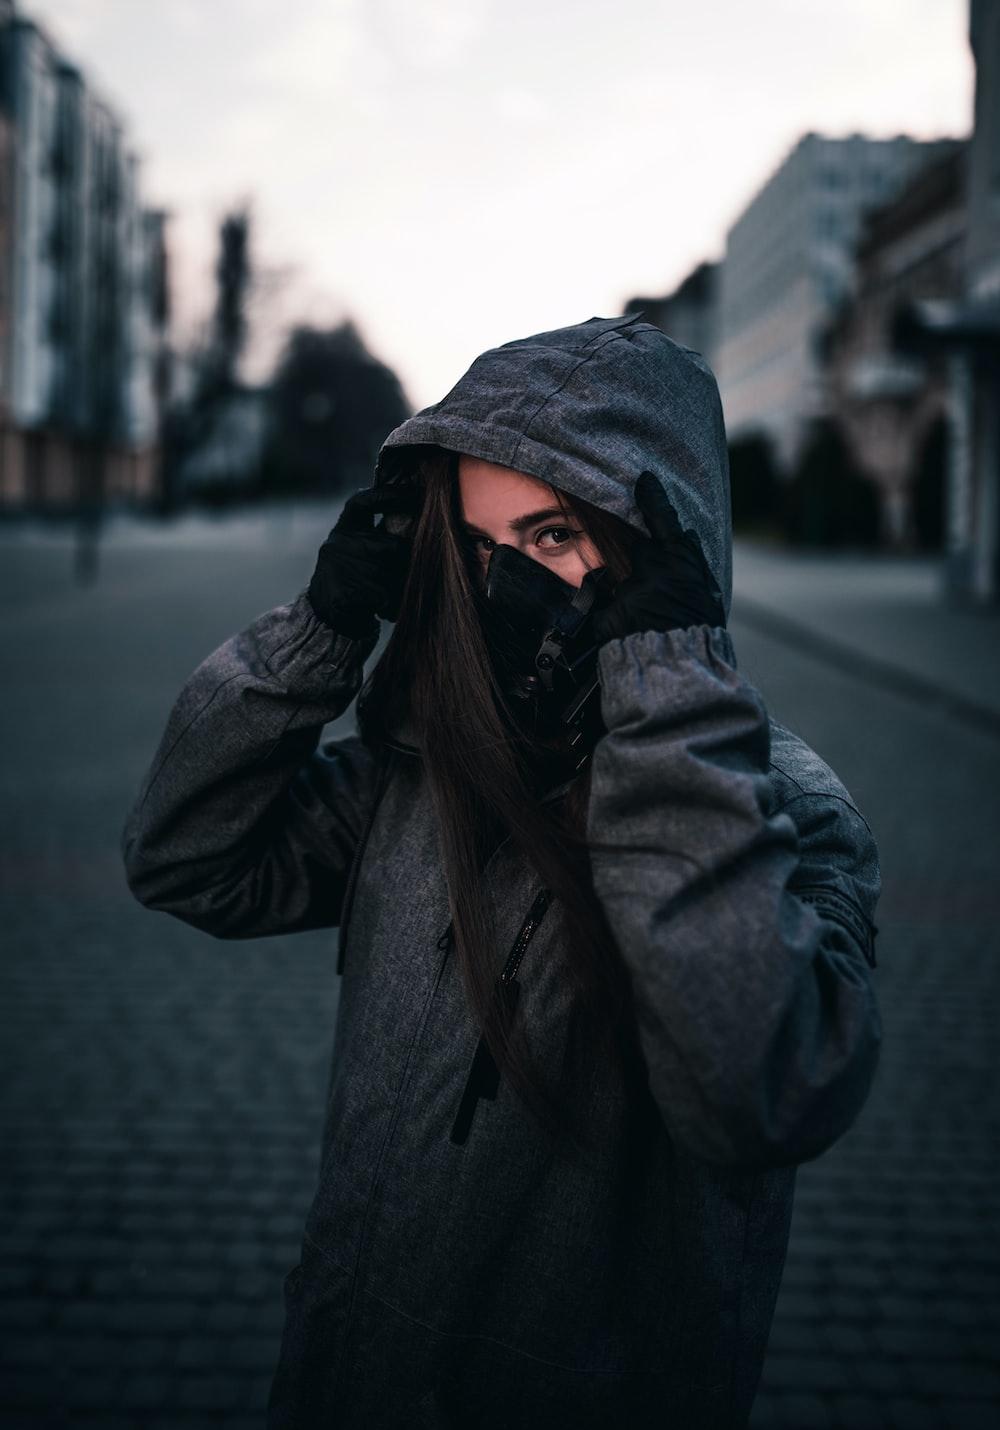 person in black hoodie standing on sidewalk during daytime